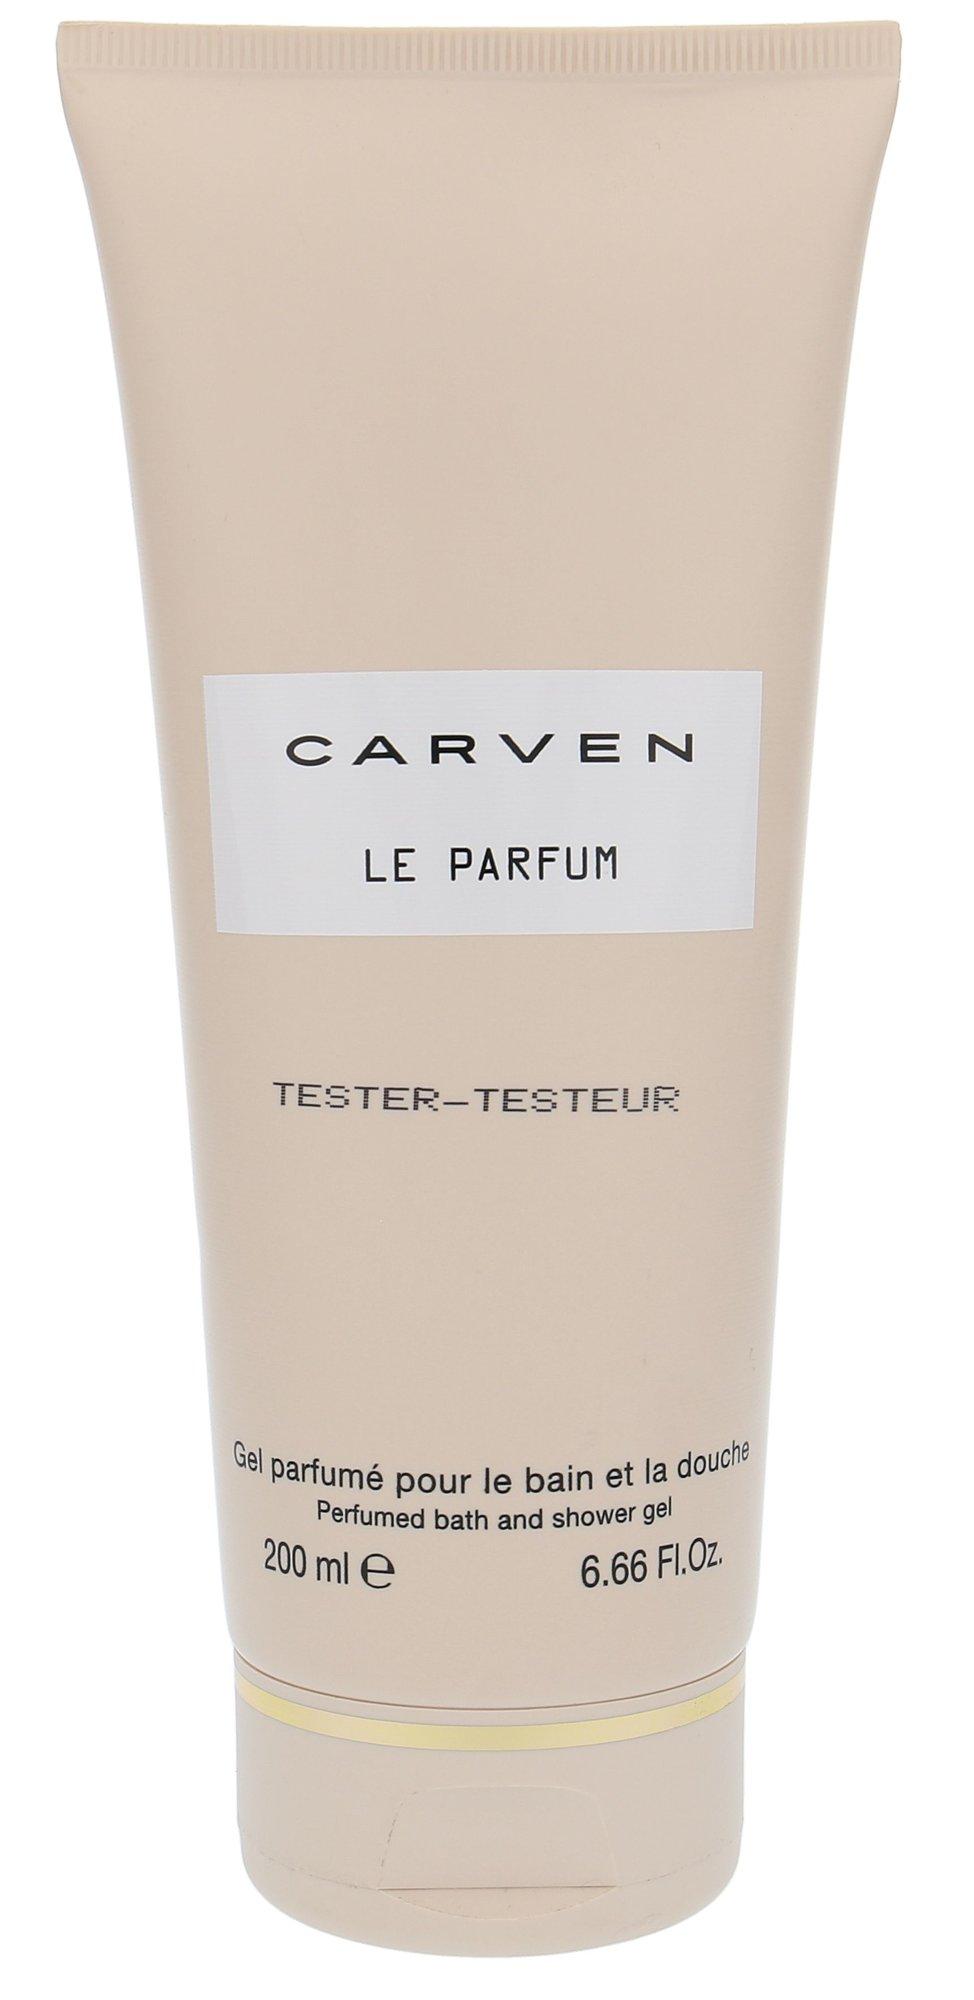 Carven Le Parfum Shower gel 200ml